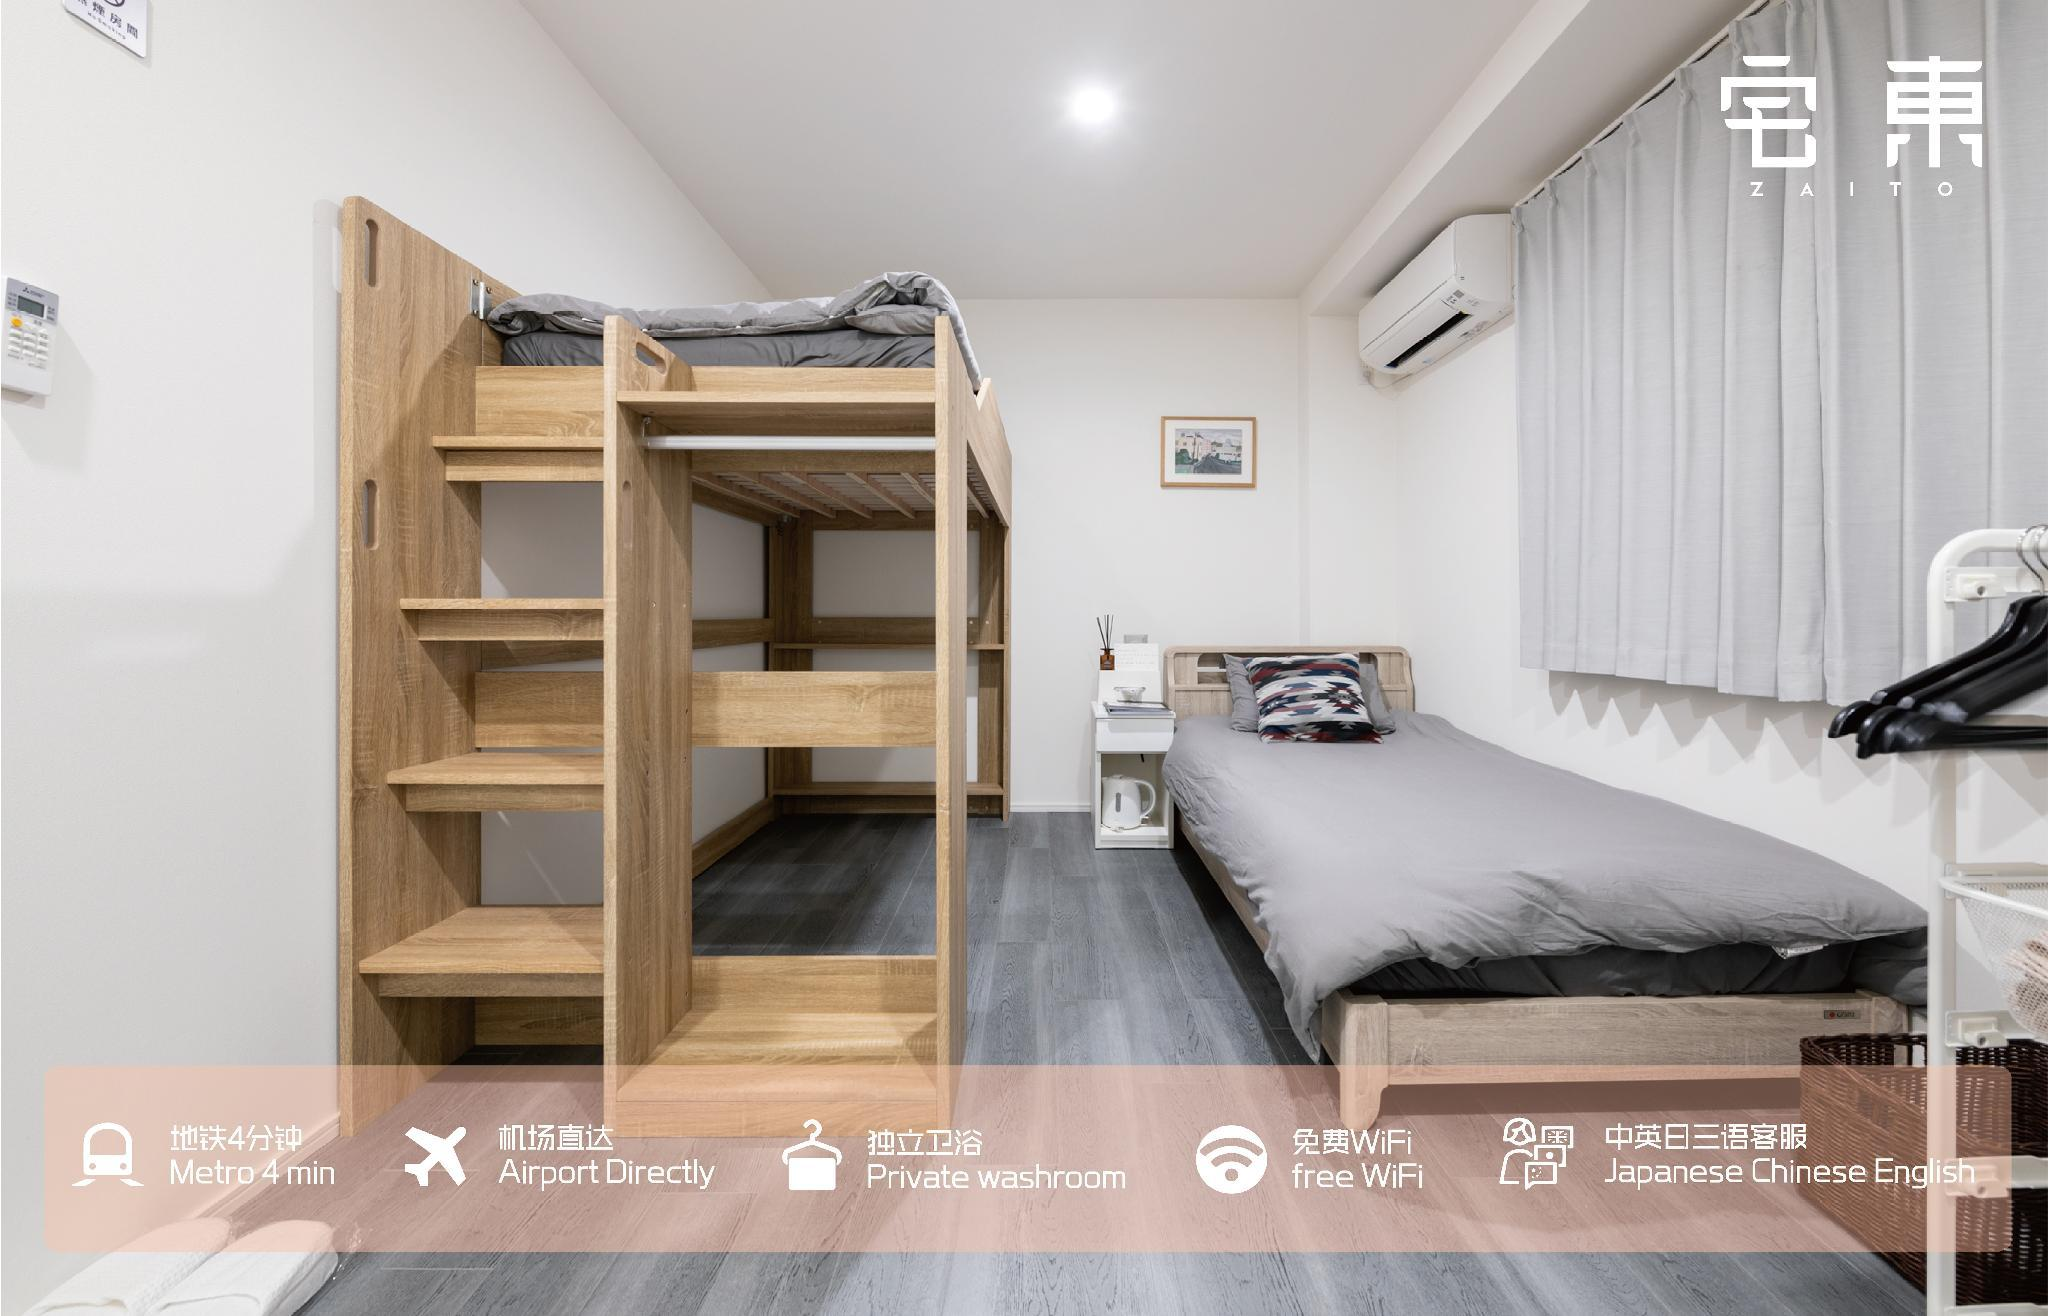 Zaito Bunk Bed Room Near Skytree Akihabara 201